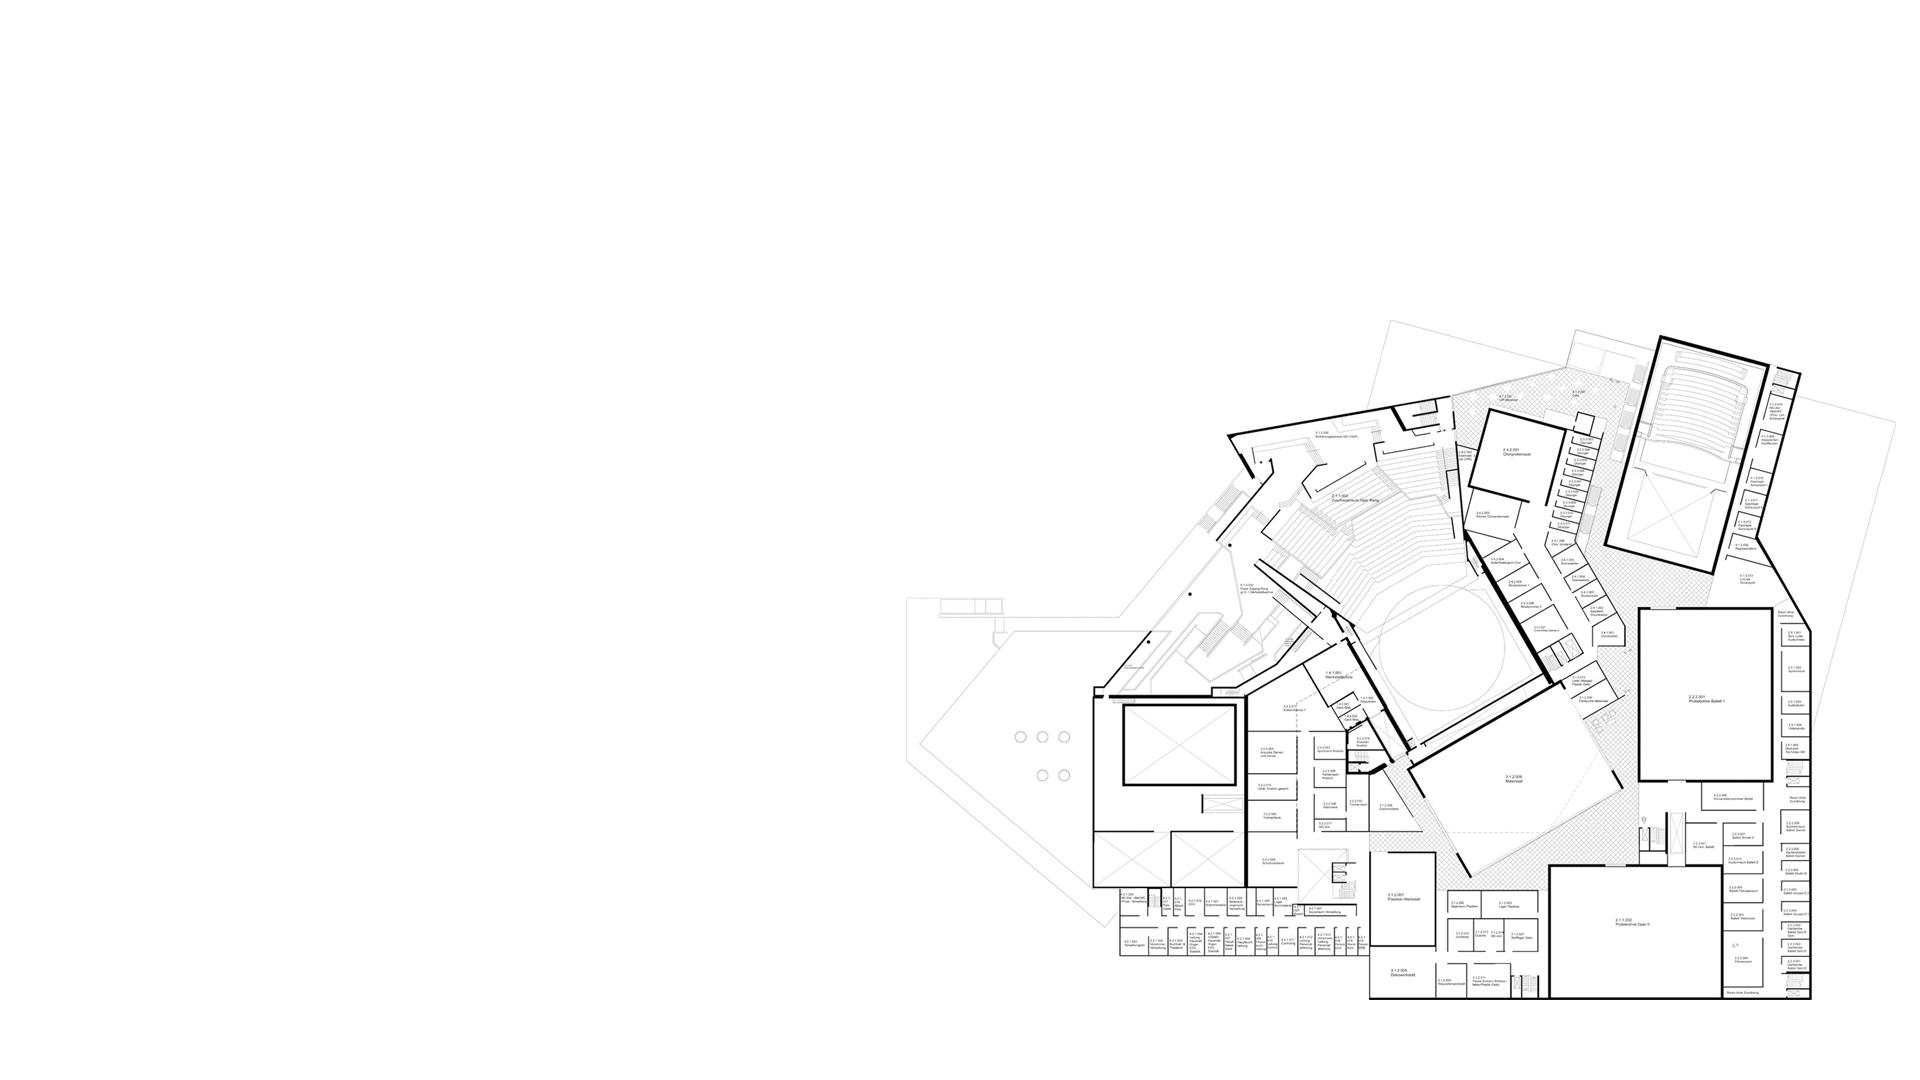 Principal level plan at the Karlsruhe Staatstheater